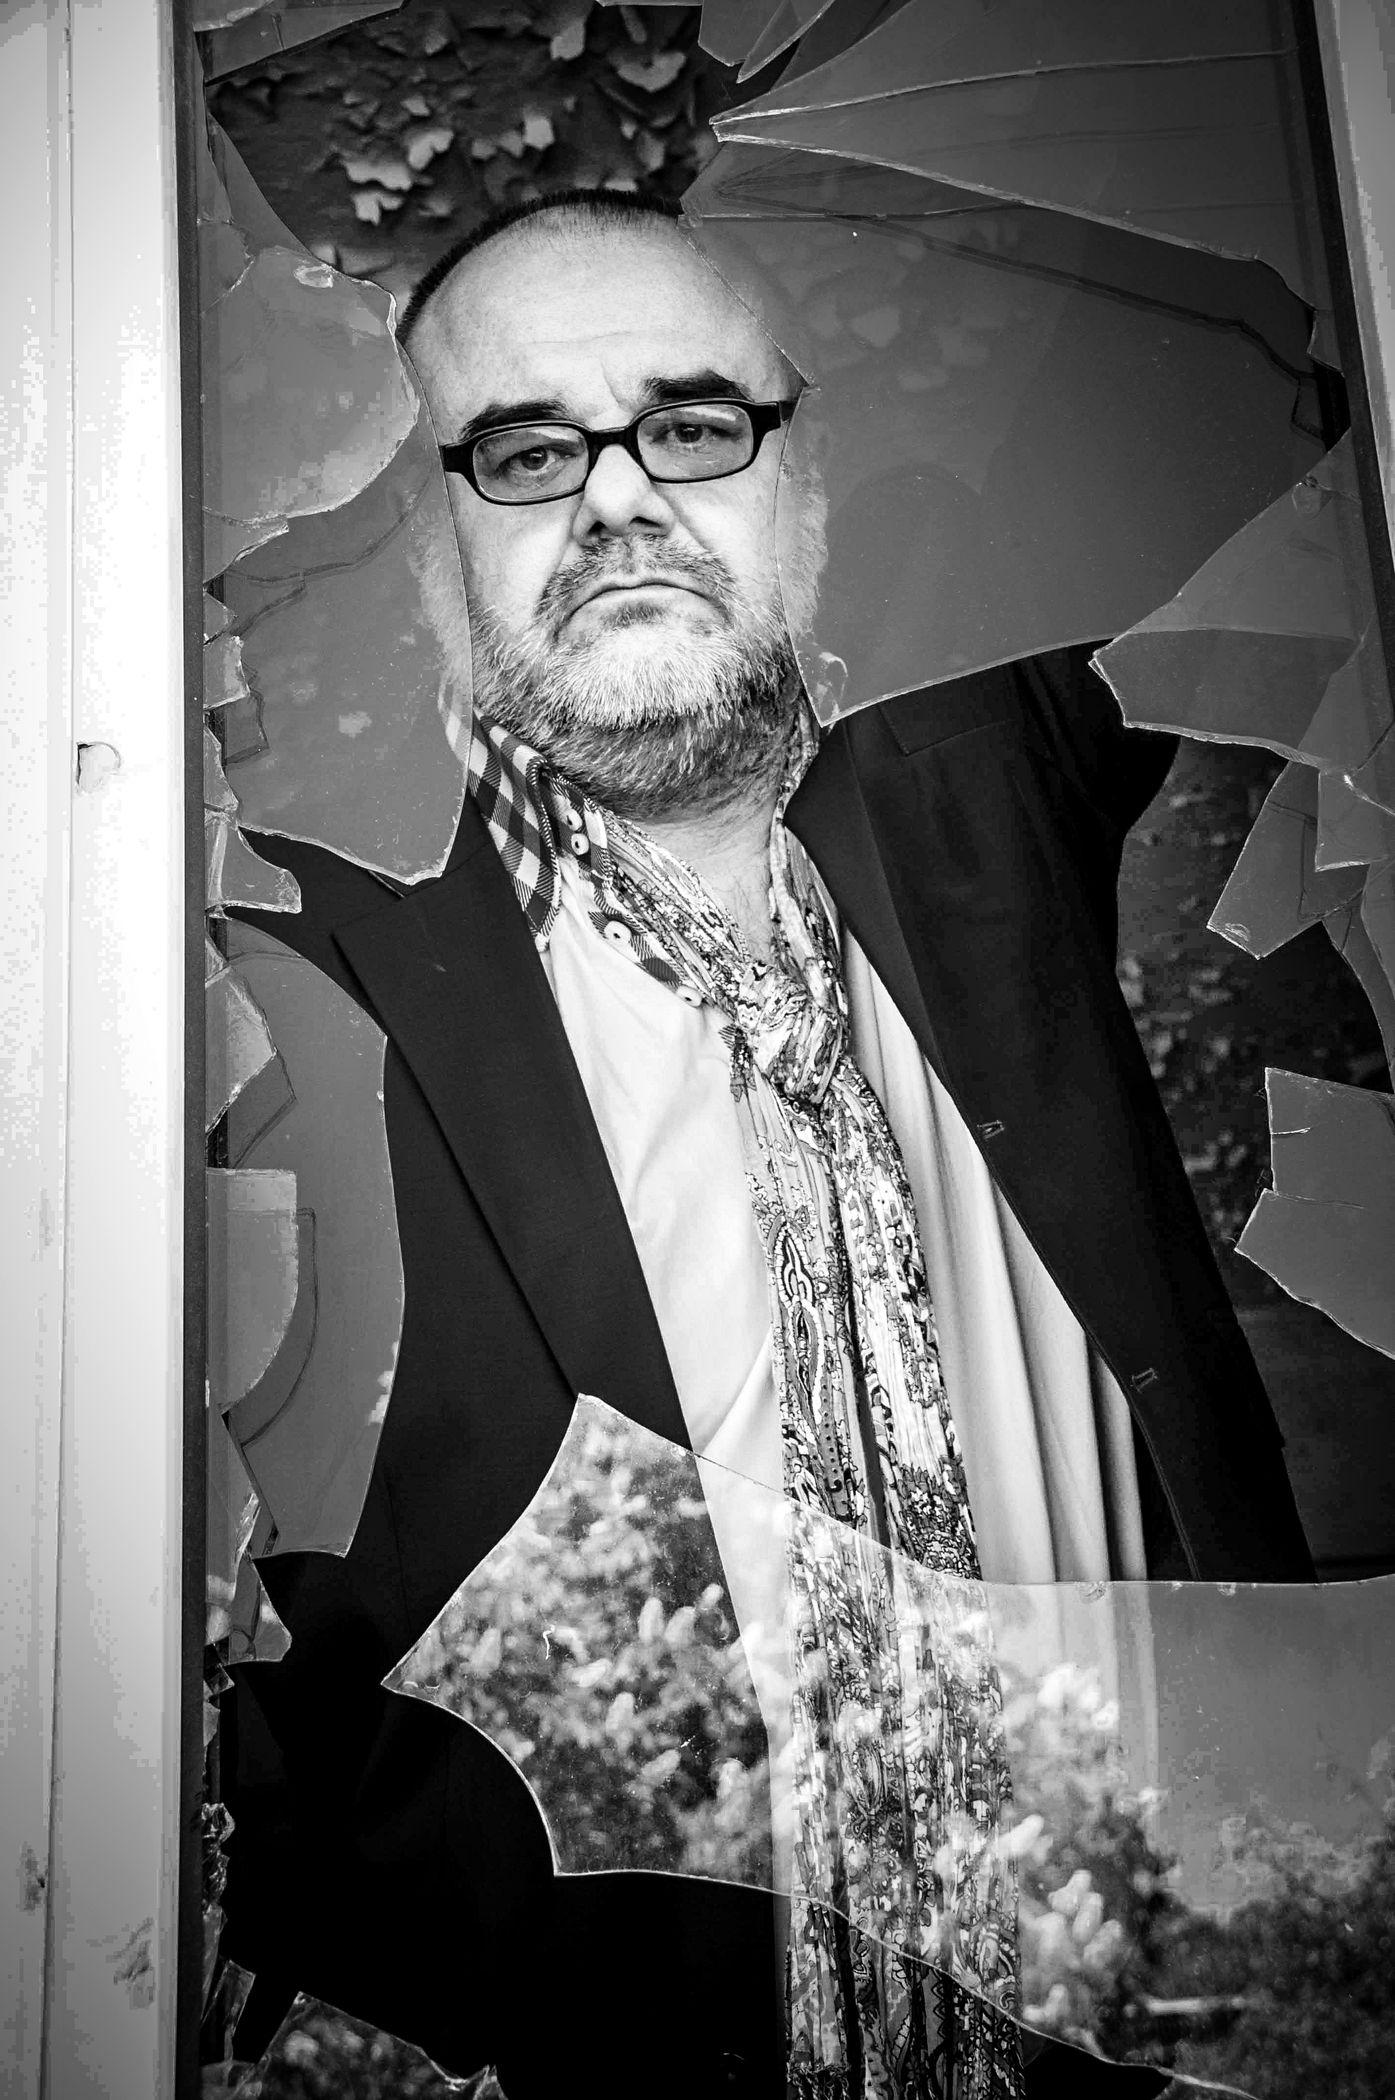 Werbetherapeut Alois Gmeiner: Der Sparringspartner steht bereit